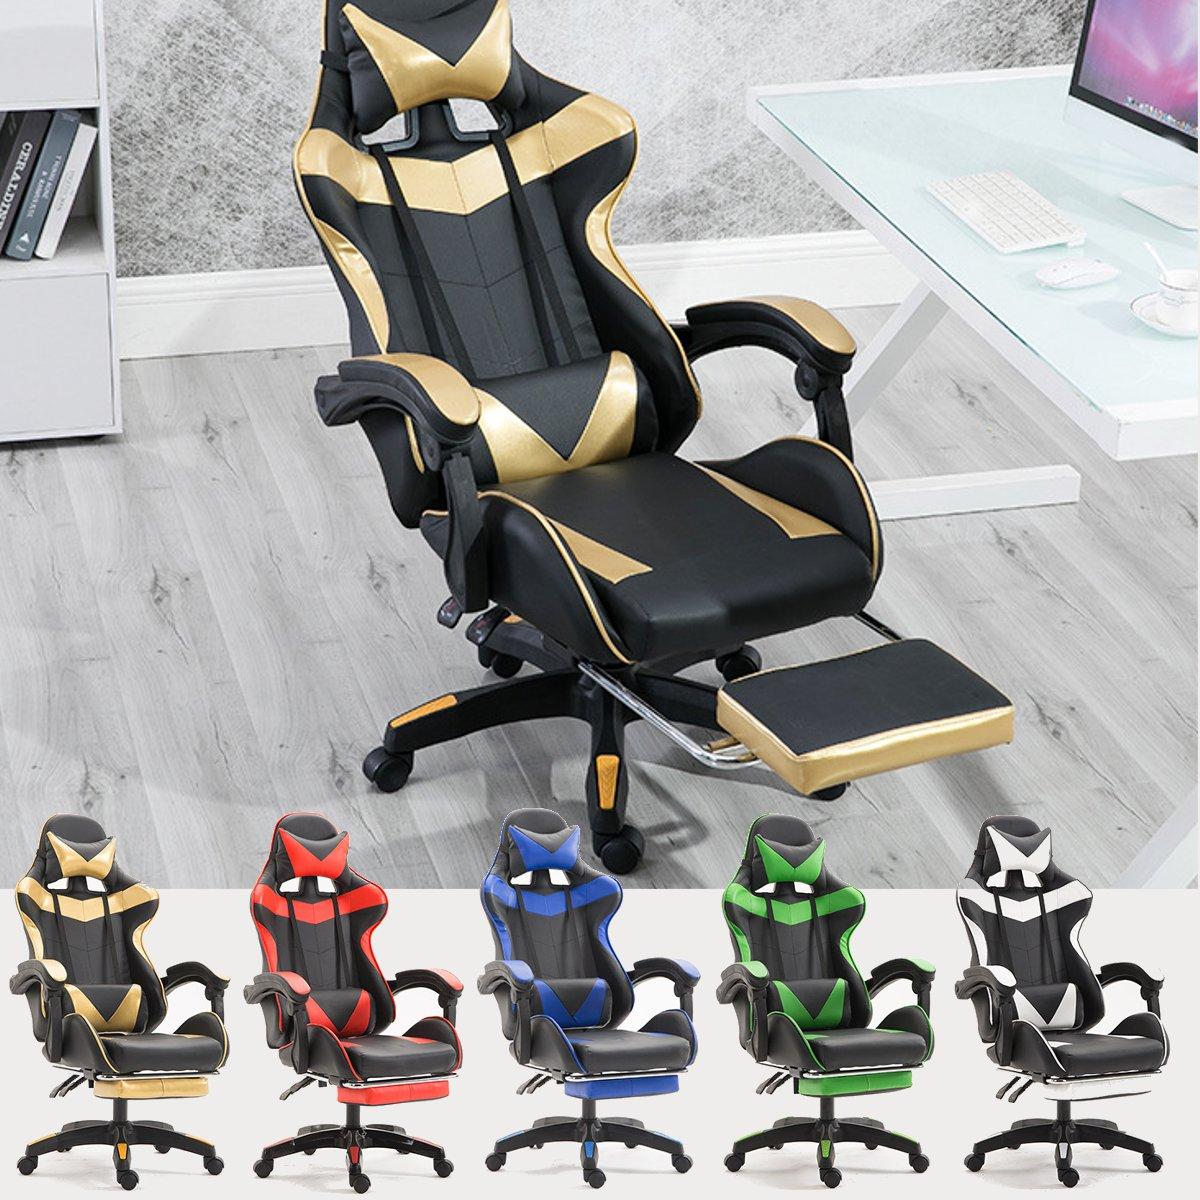 5 colores PU cuero Racing Gaming silla oficina alta espalda ergonómica reclinable con reposapiés profesional ordenador silla muebles